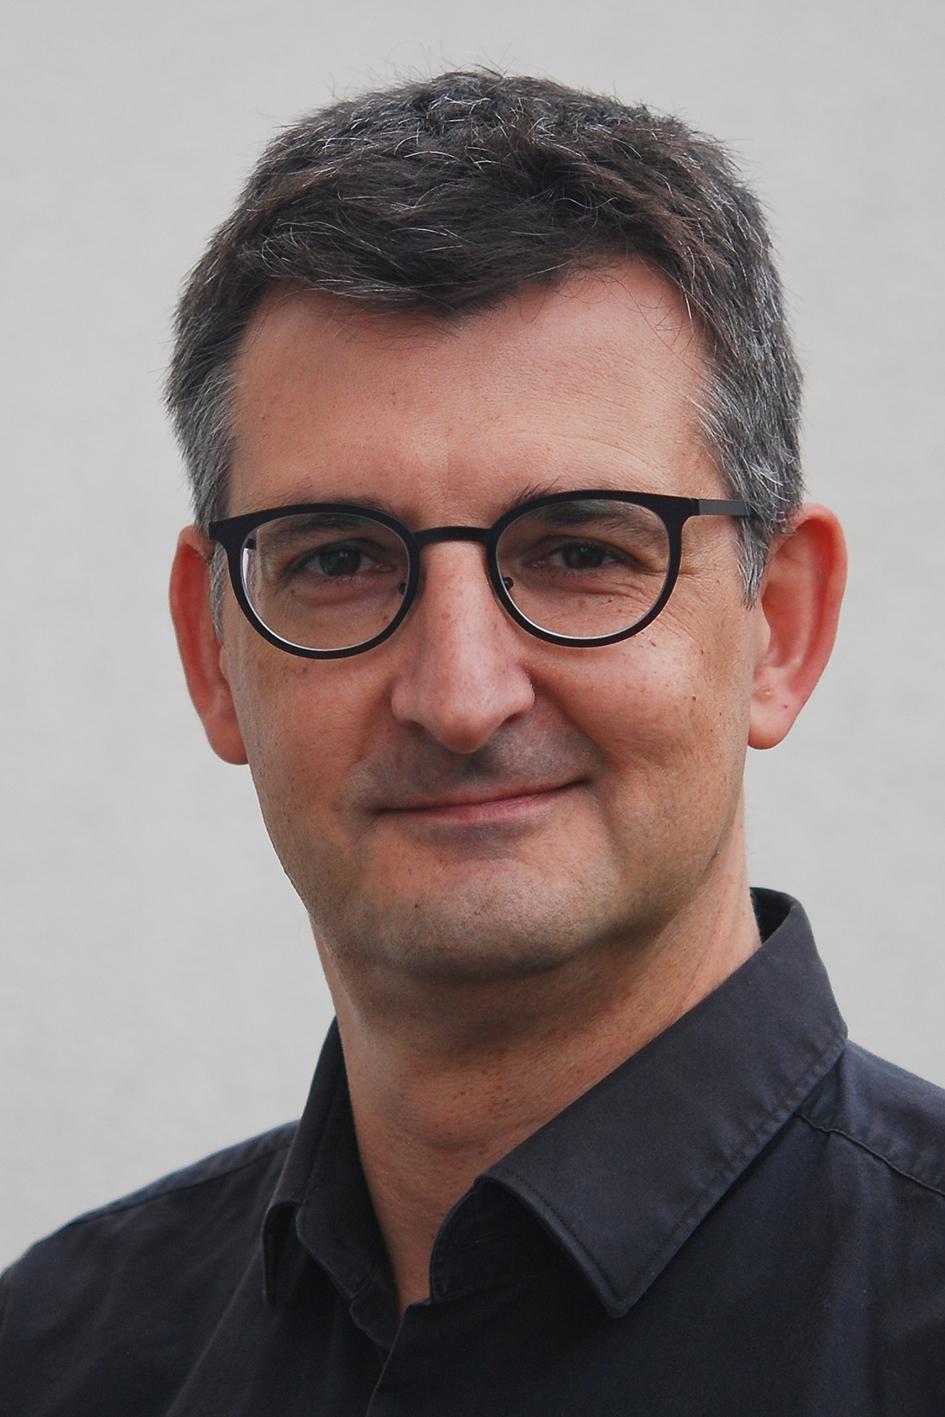 Sven Krappmann